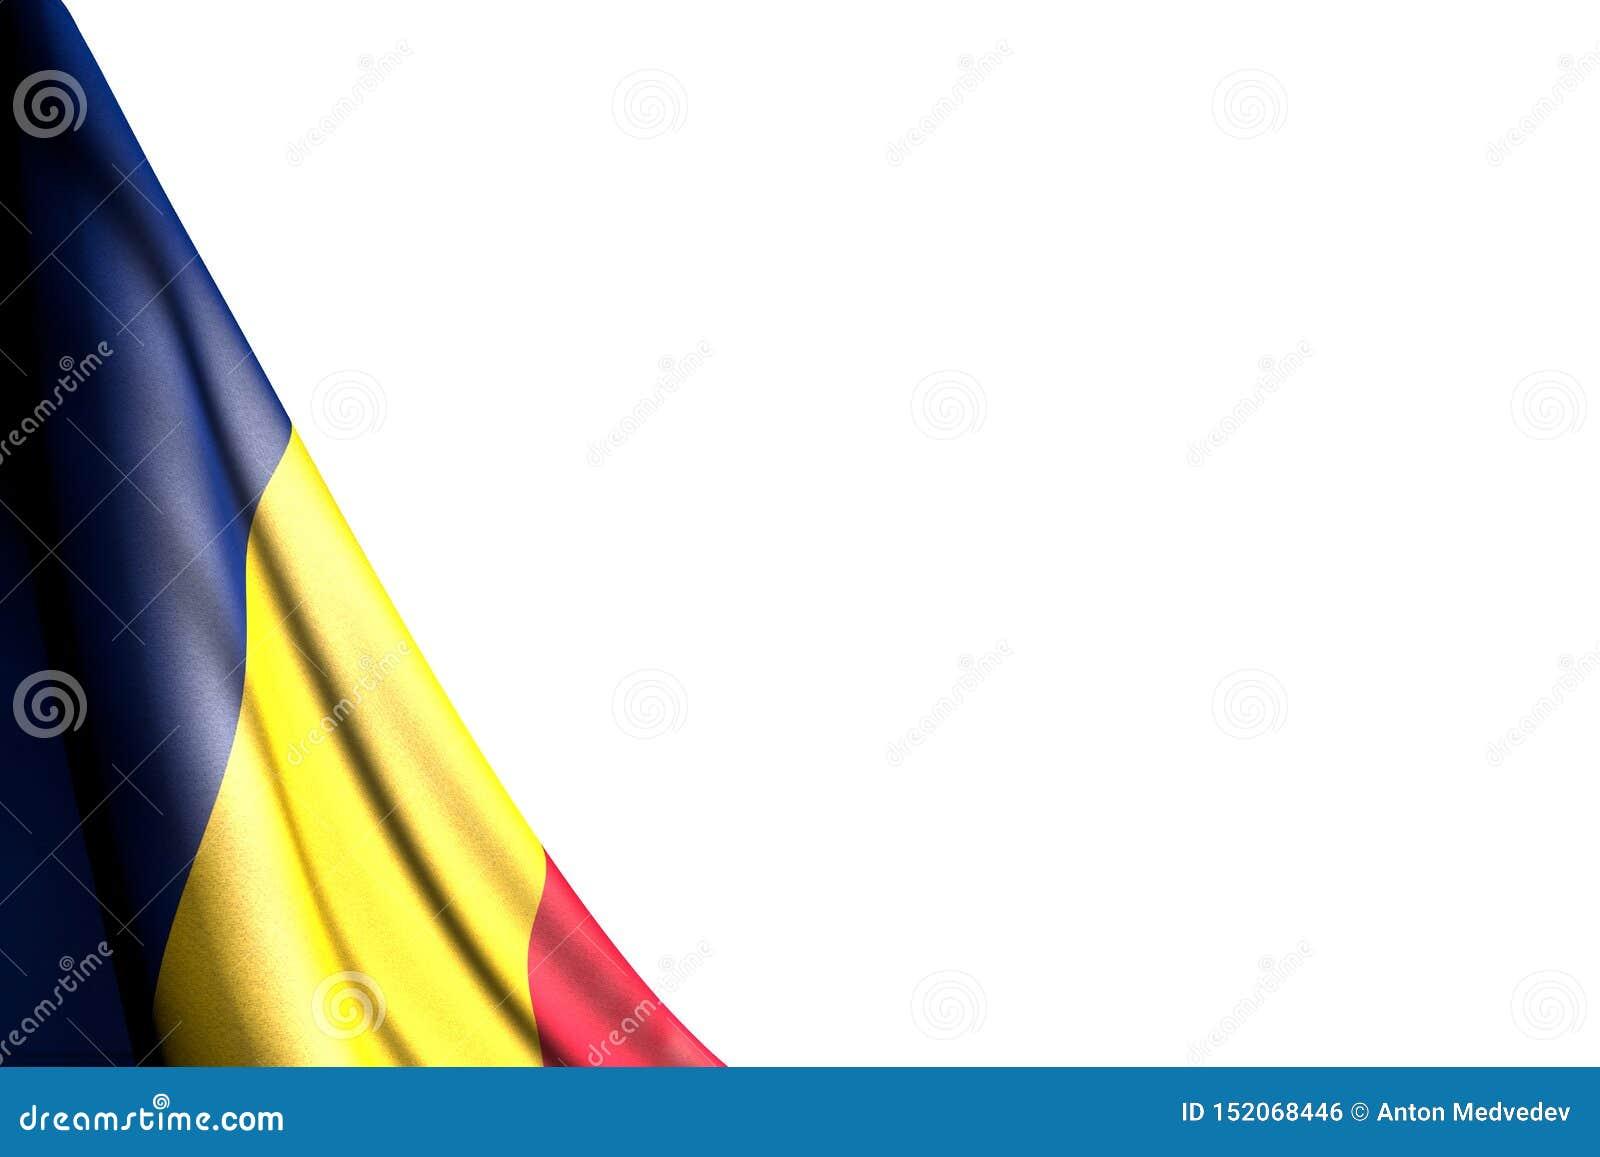 De mooie geïsoleerde foto van de vlag van Tsjaad hangt in hoek - model op wit met plaats voor uw tekst - om het even welke 3d ill